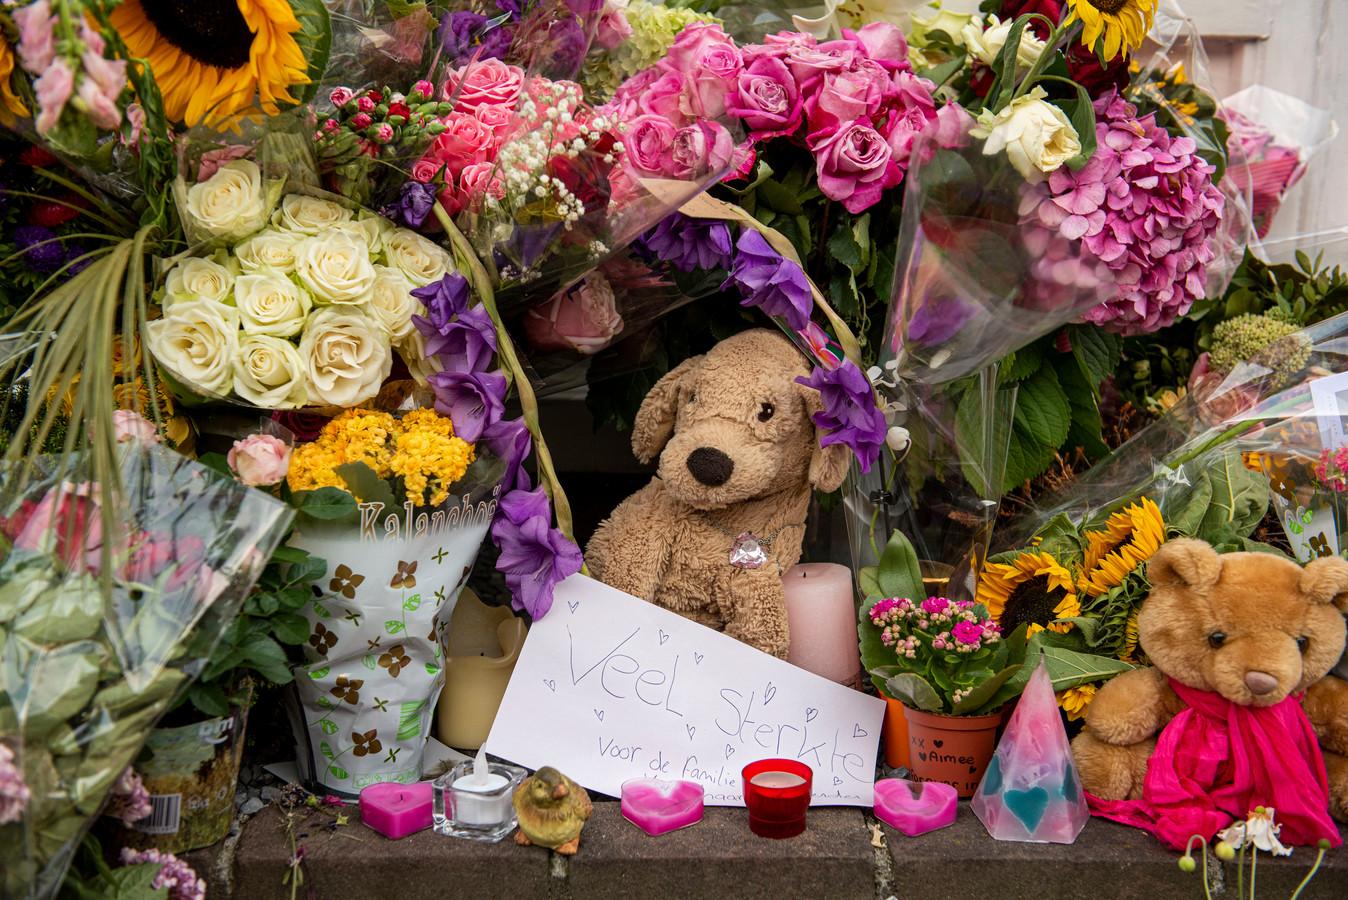 Foto van de bloemenhulde voor de woning van de 15-jarige Megan die afgelopen maandag om het leven is gekomen.